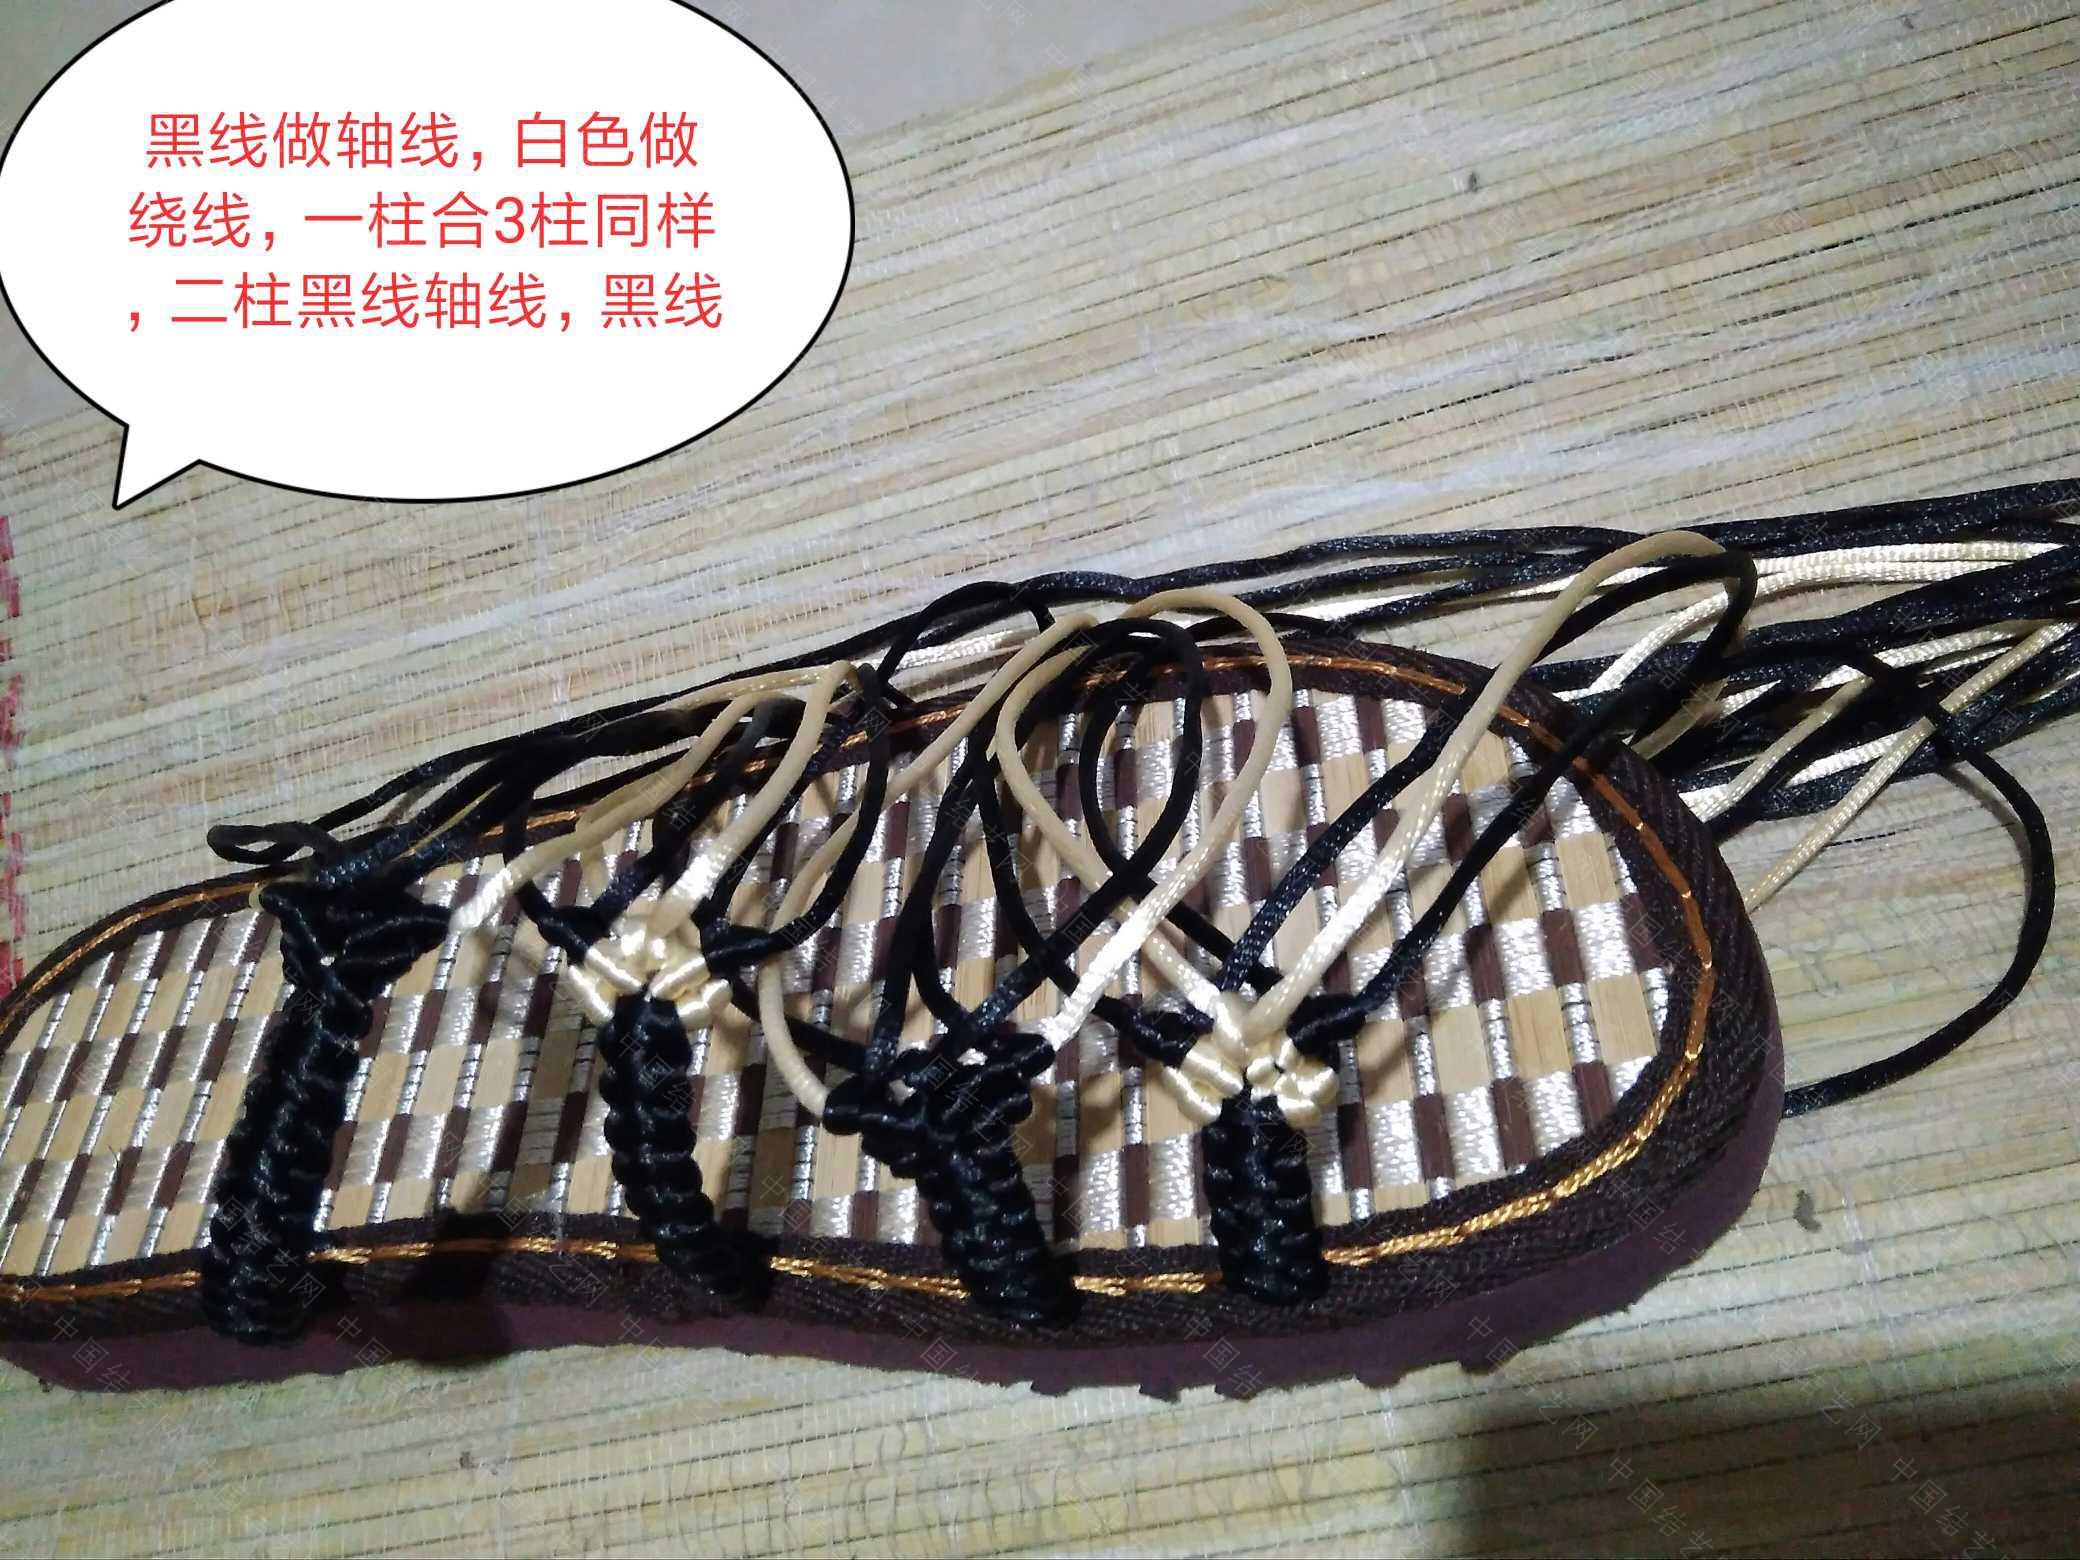 中国结论坛 中字拖鞋  图文教程区 223525ebqkkkb3kbkvpq19